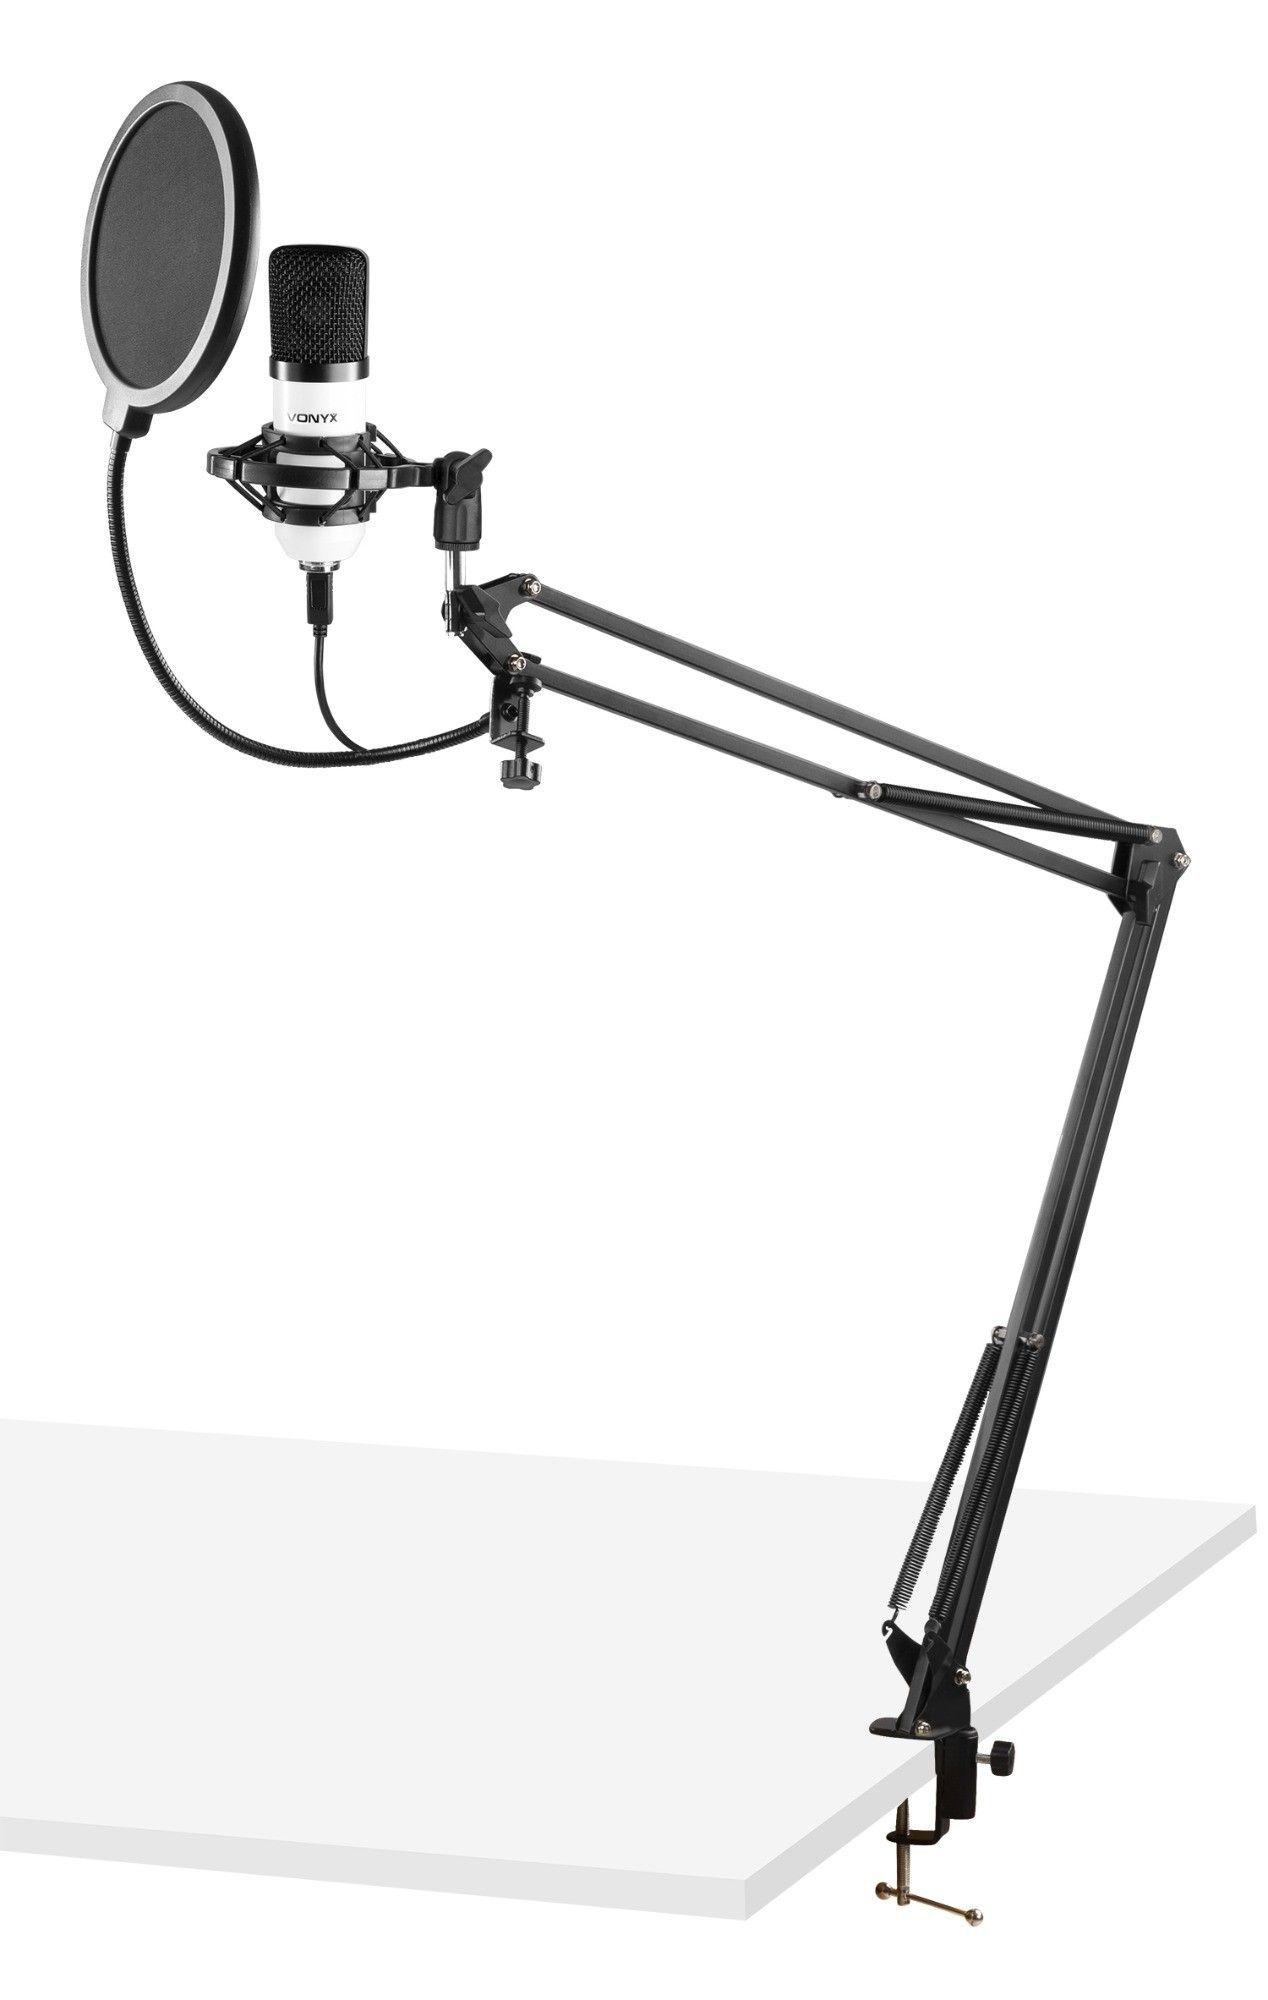 Vonyx CMS300W USB Studio microfoon met verstelbare arm - Wit